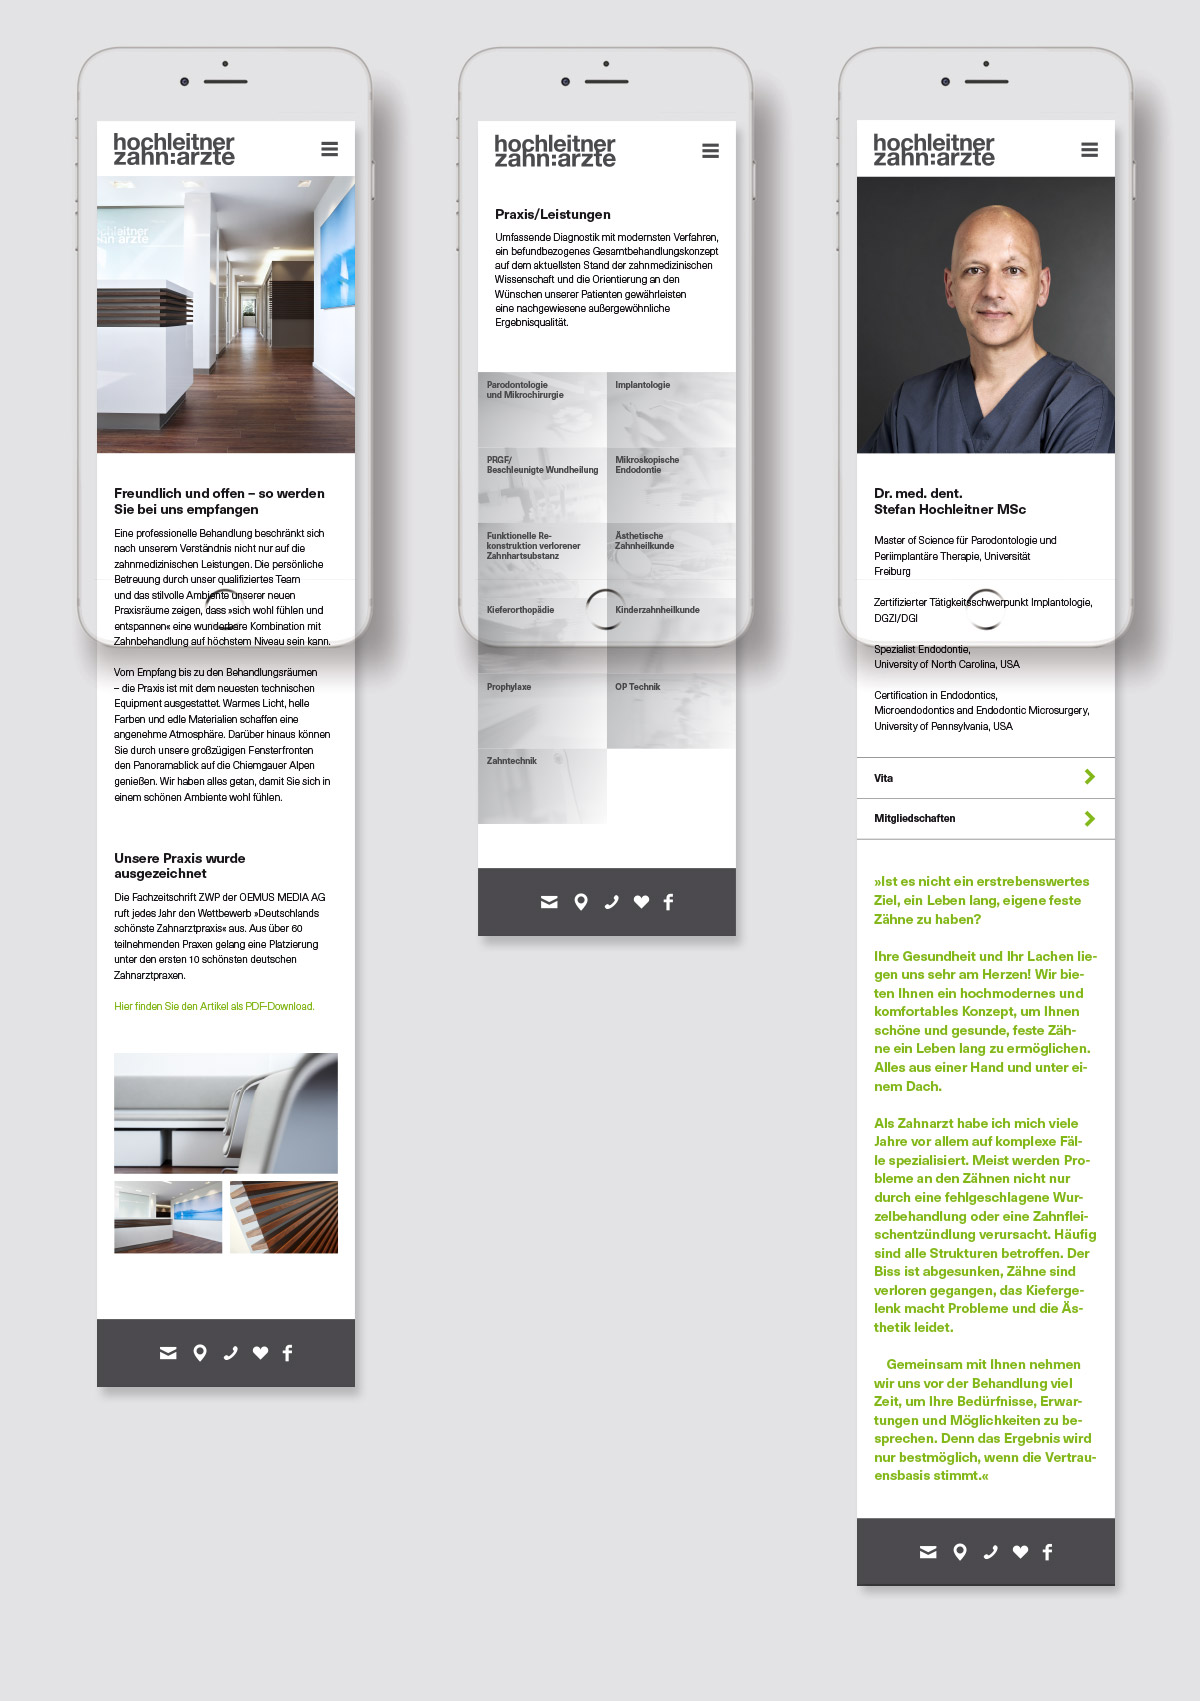 HochleitnerZahnaerzte-Website07